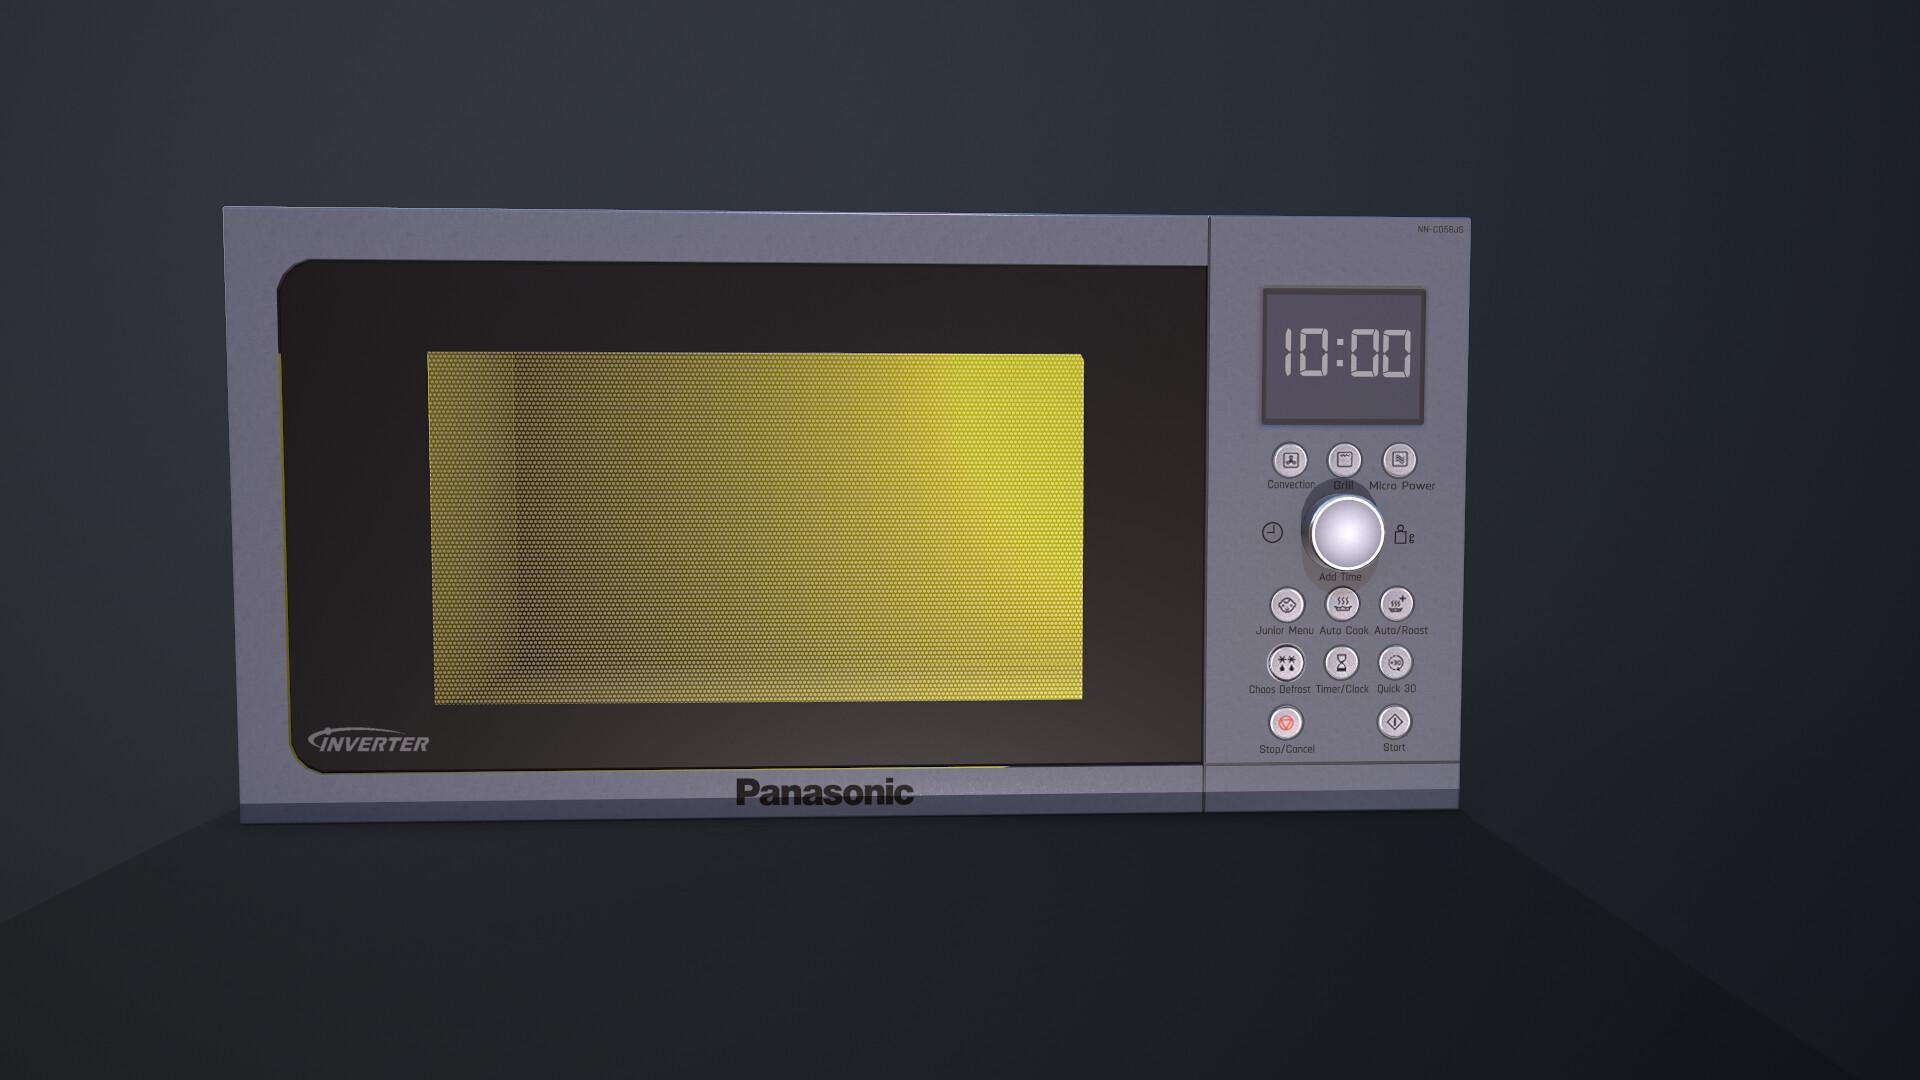 ArtStation - Product Design 3D Assets 2, Florin Chirila